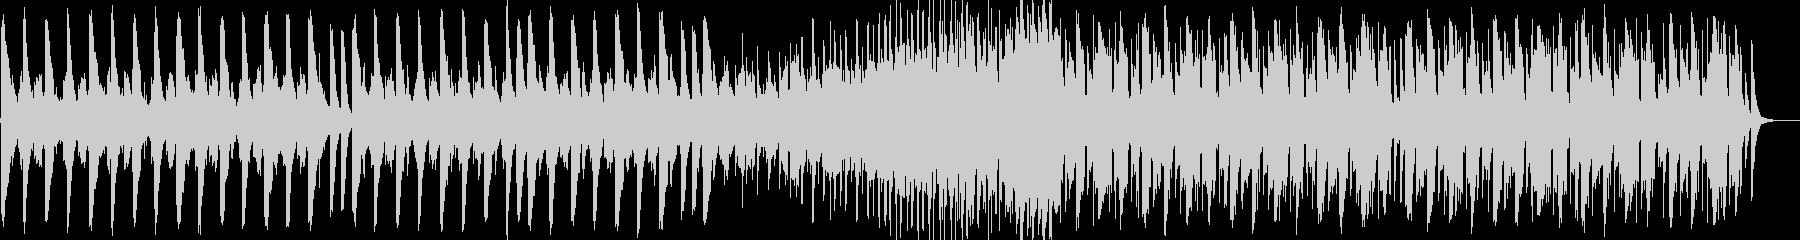 アップテンポのエレクトロミュージックの未再生の波形